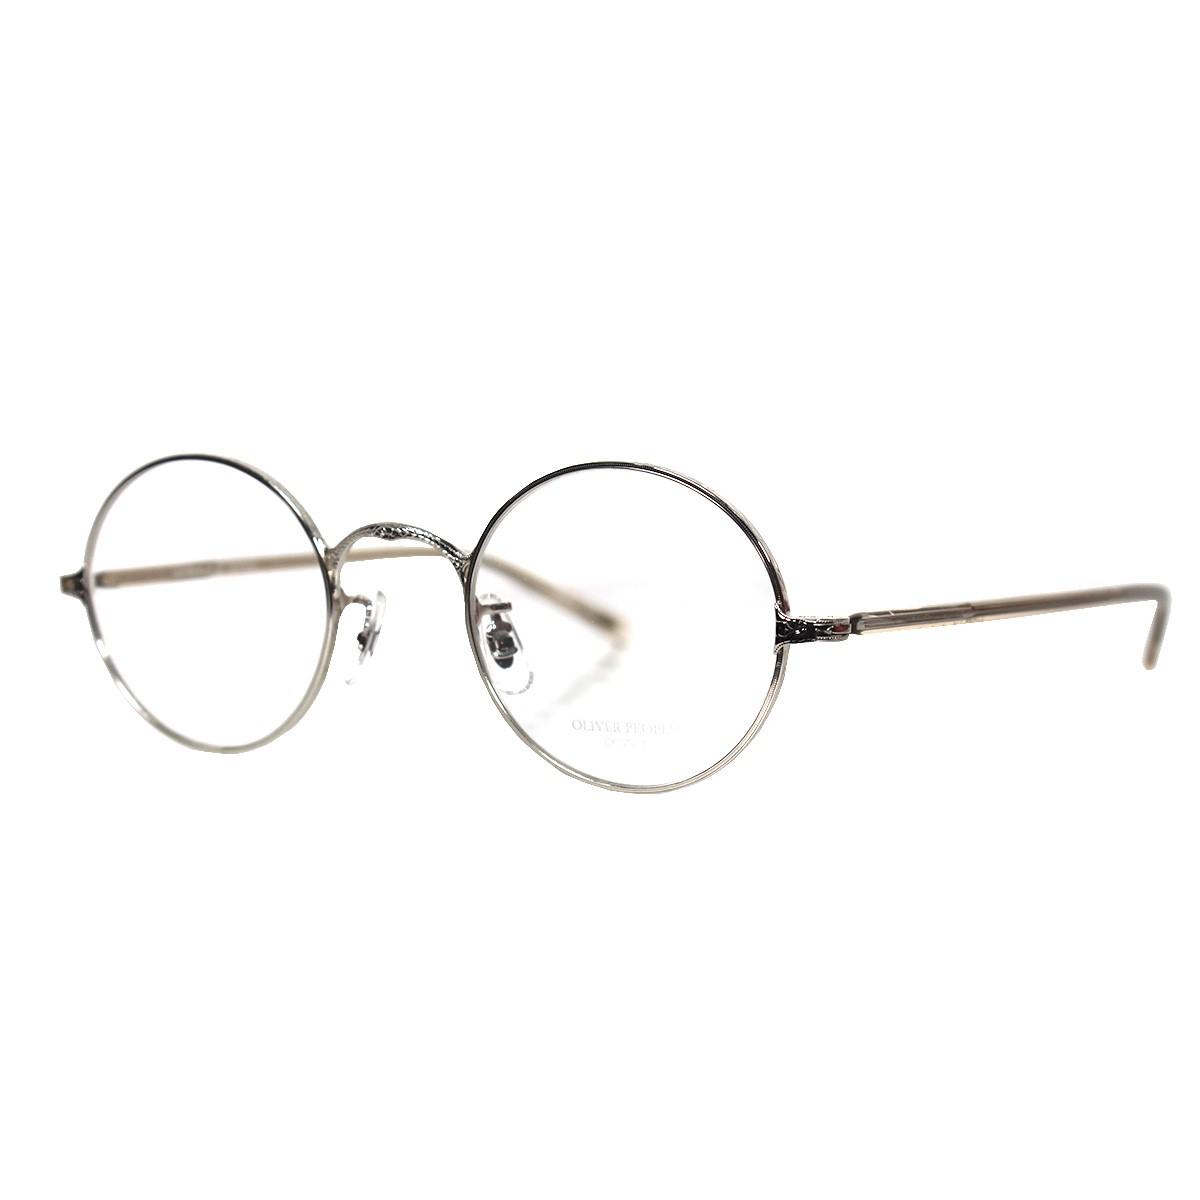 【中古】OLIVER PEOPLES 44 22-145-OP-5 S ラウンドフレームメガネ 丸眼鏡 シルバー×クリア サイズ:- 【送料無料】 【181118】(オリバーピープルズ)